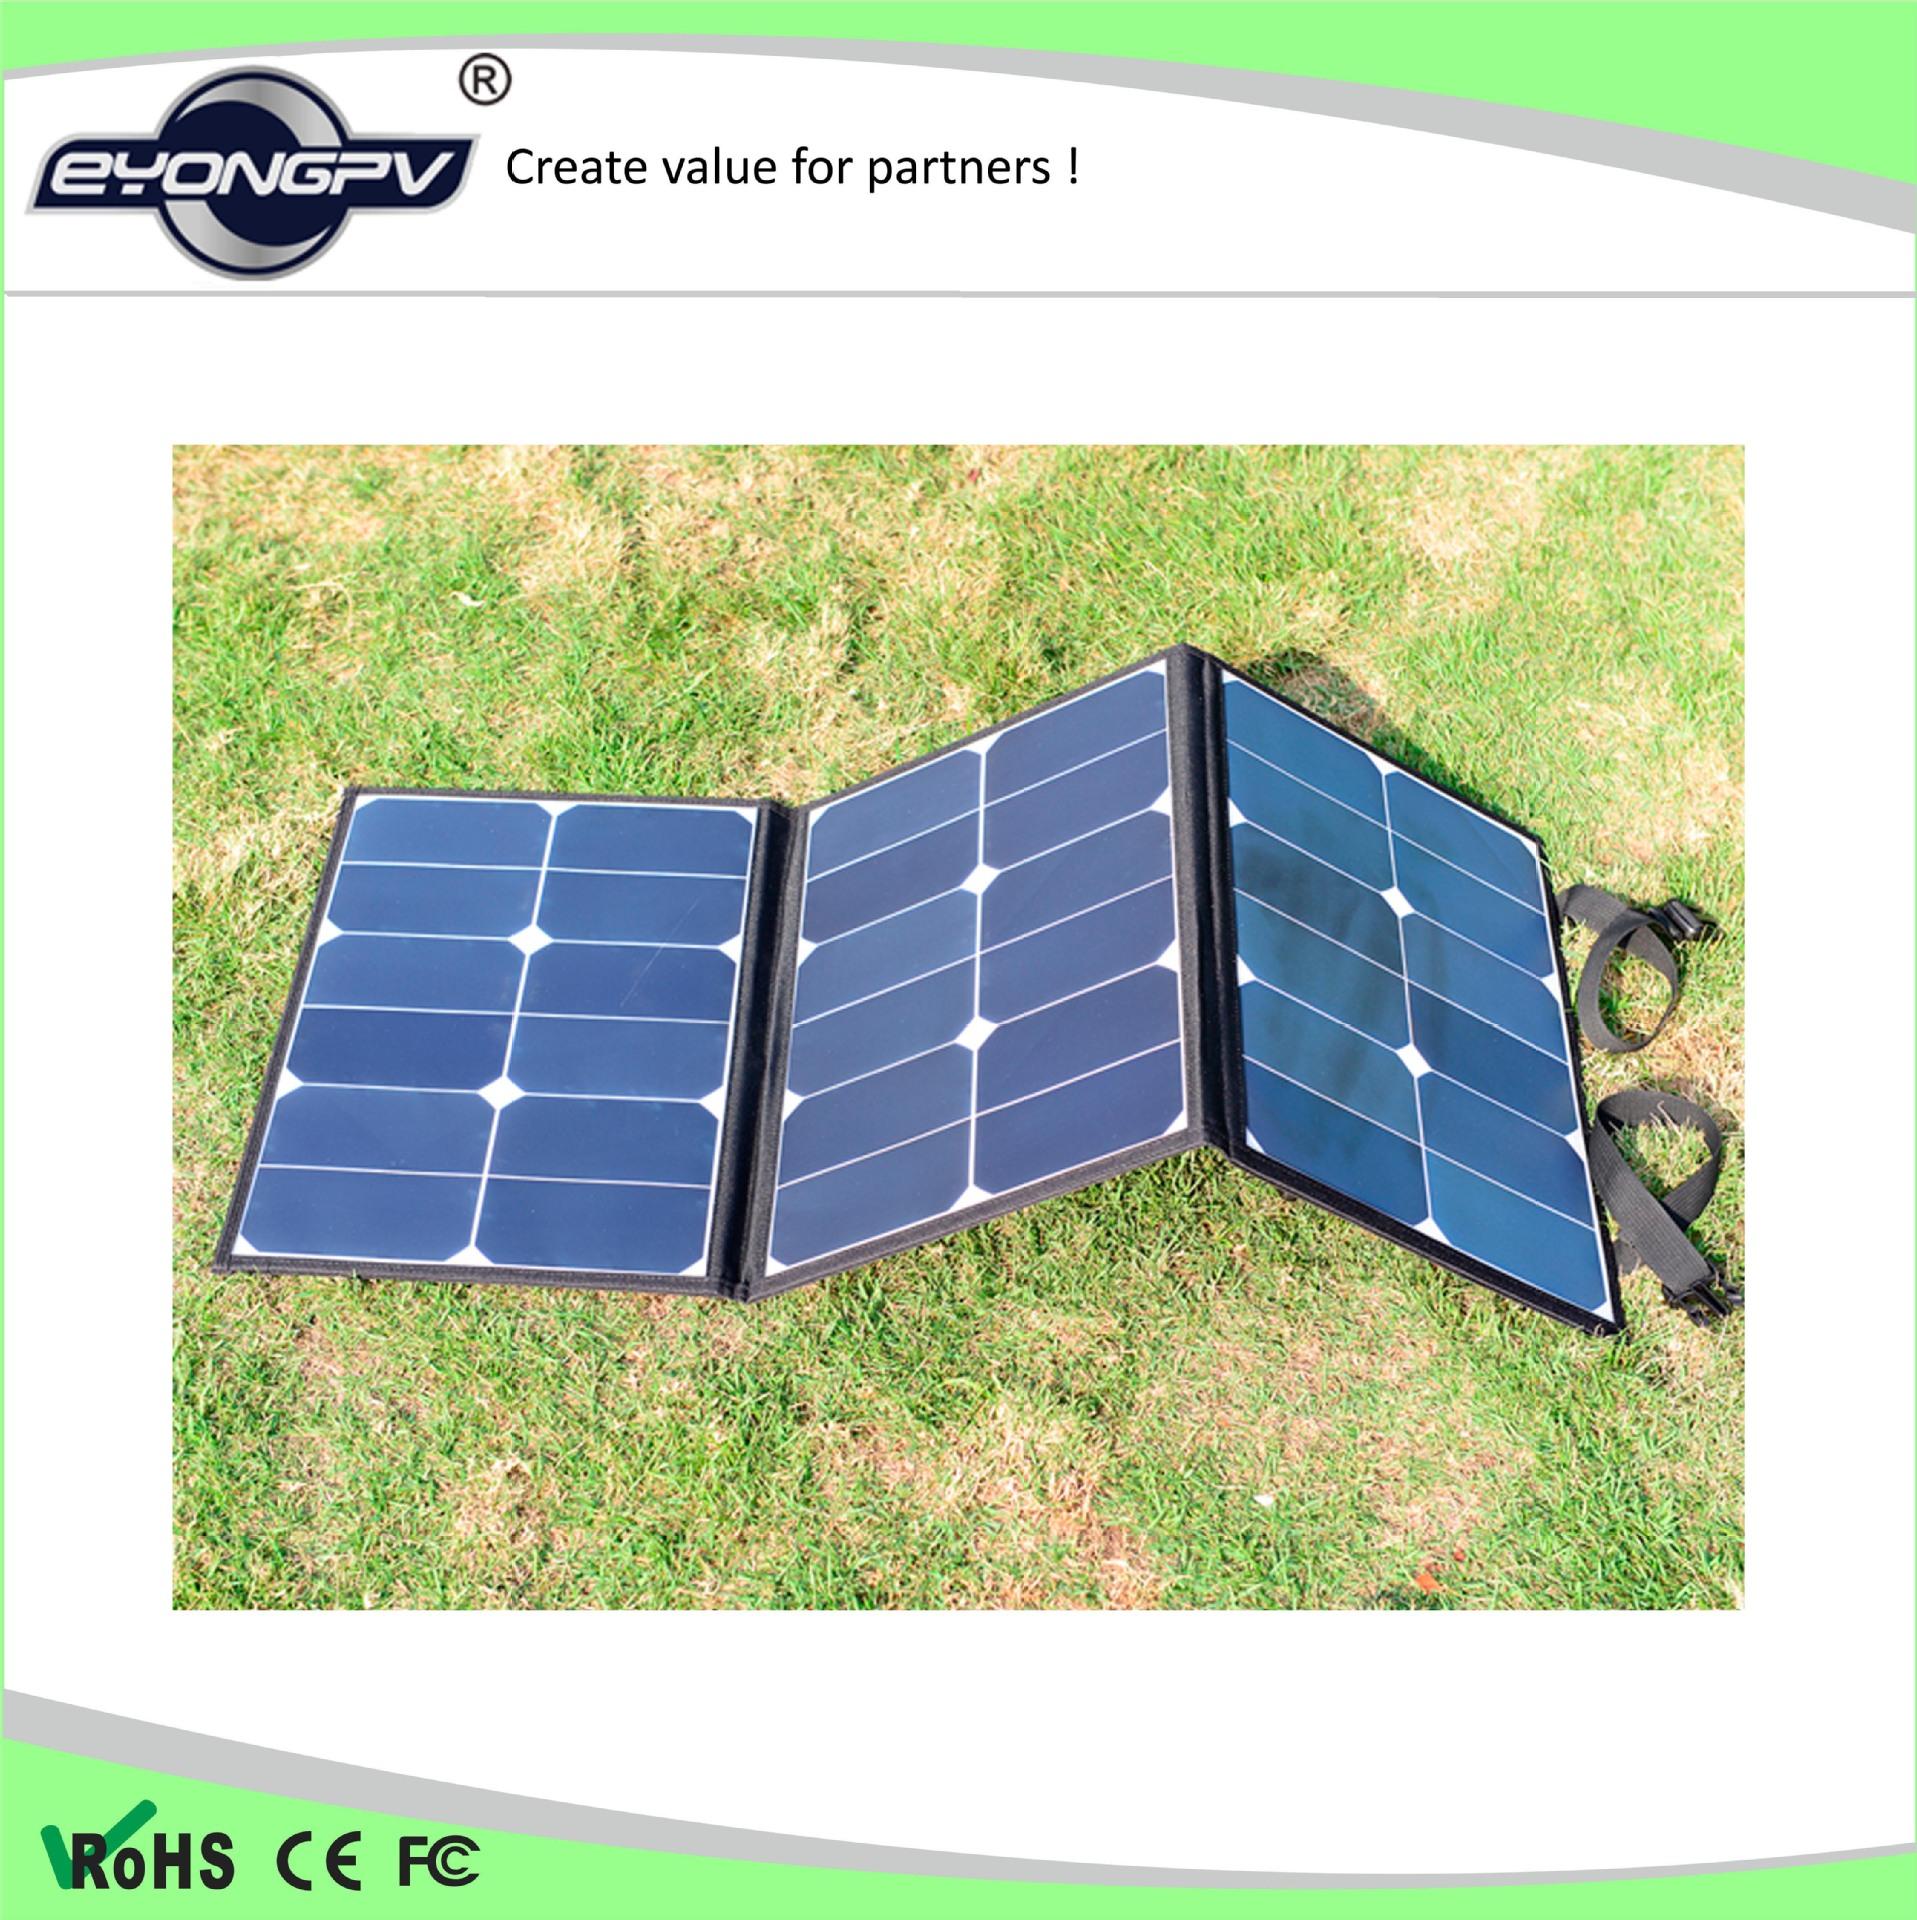 【太陽能充電寶】Sunpower折疊太陽能充電包 60W便攜式陽能電池充電 高效太陽能板